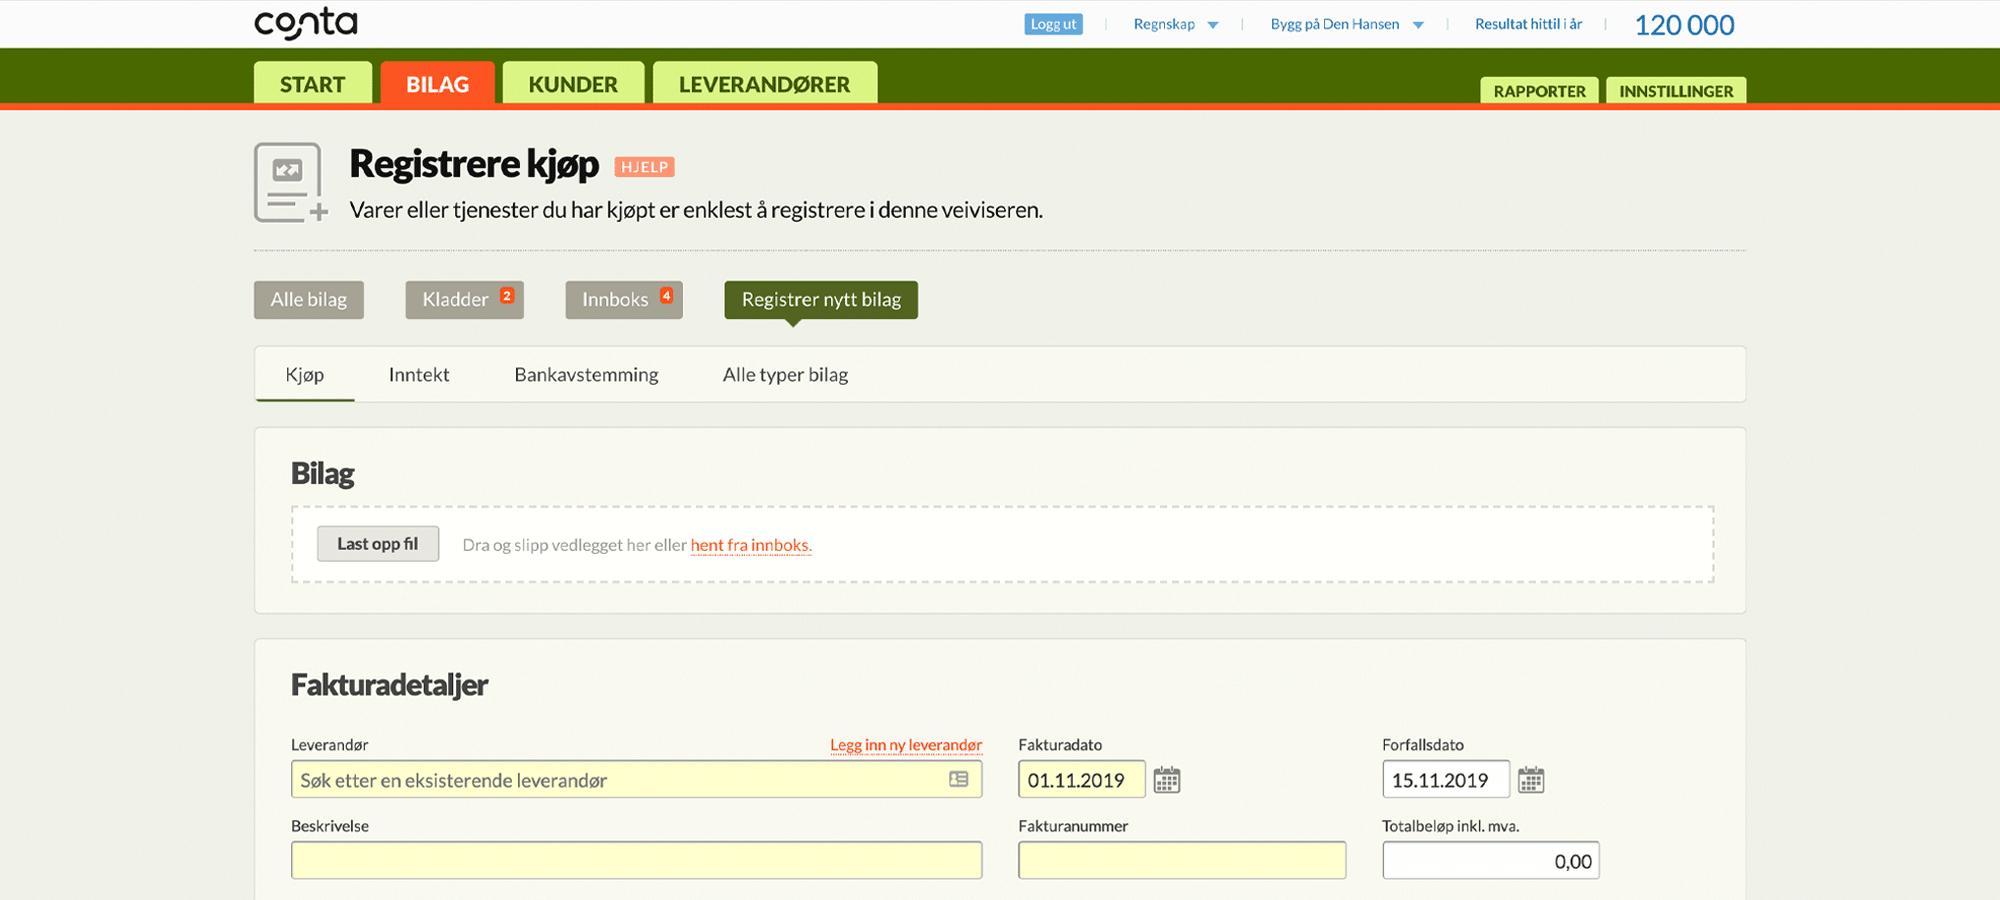 Registrer kjøp i Conta